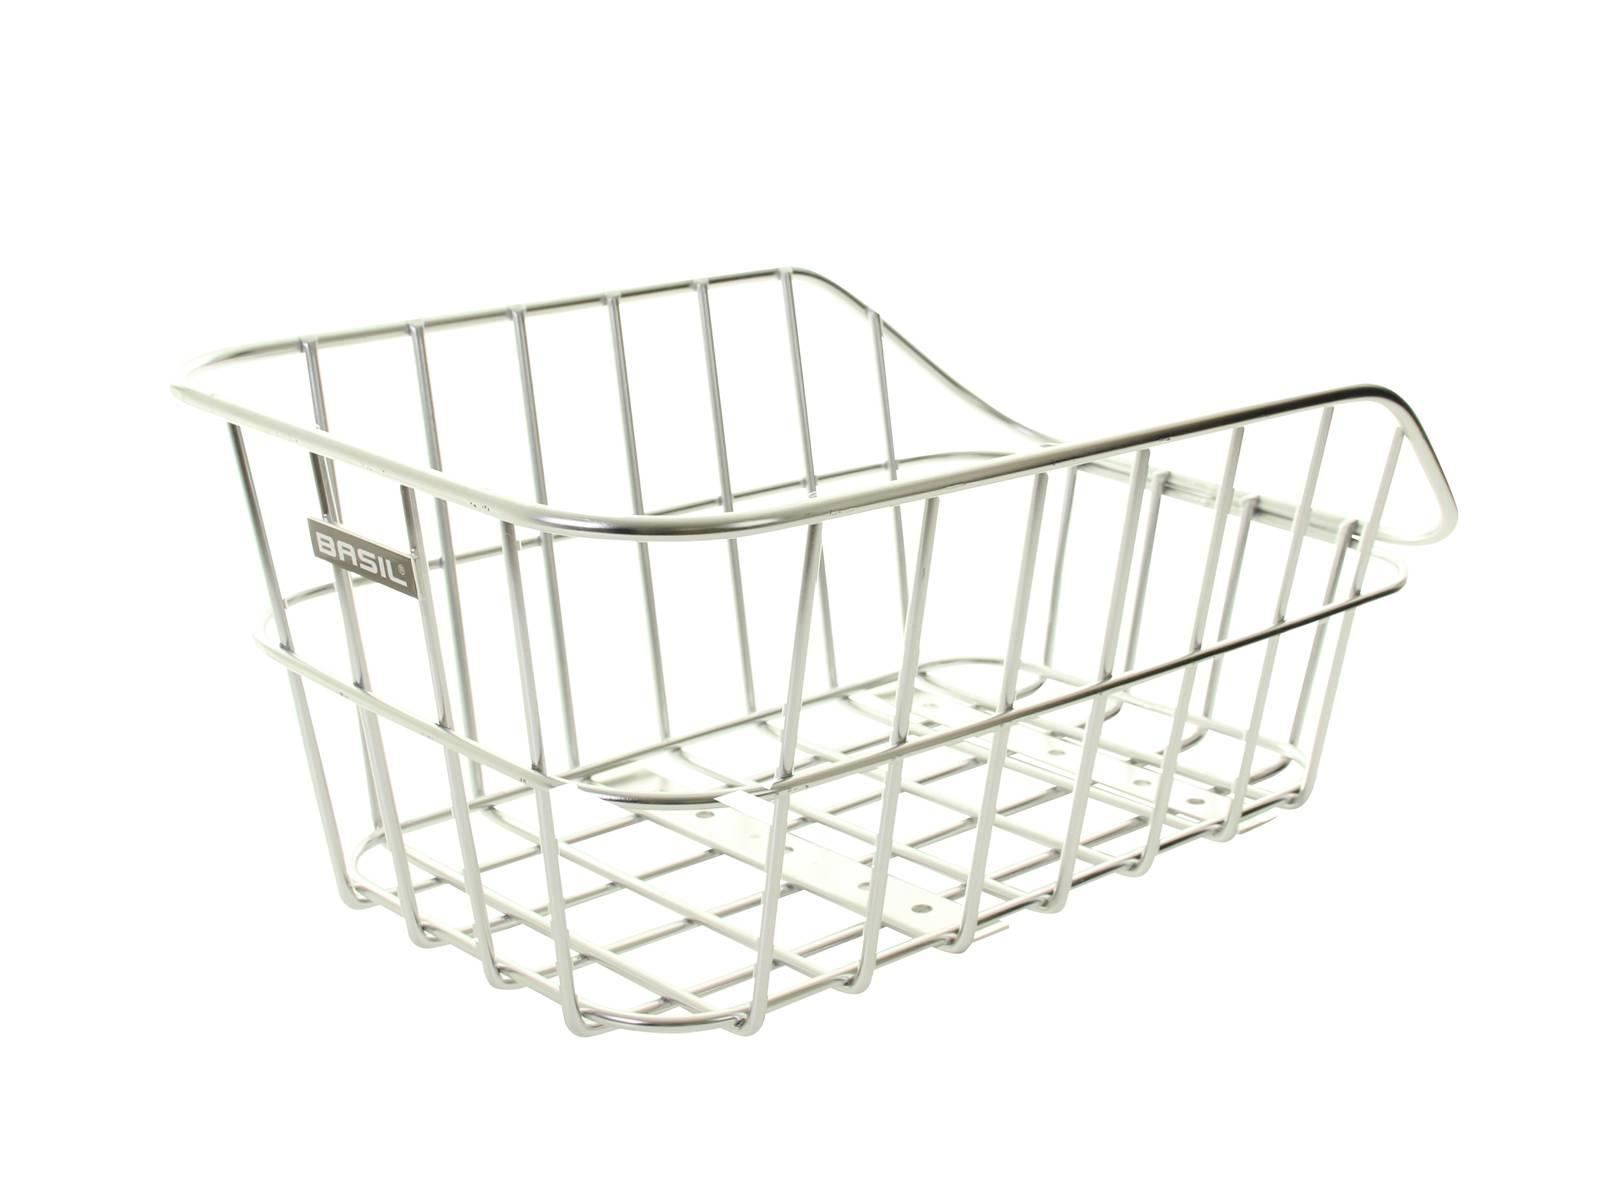 basil fahrradkorb hinten cento alu fahrradkomfort. Black Bedroom Furniture Sets. Home Design Ideas